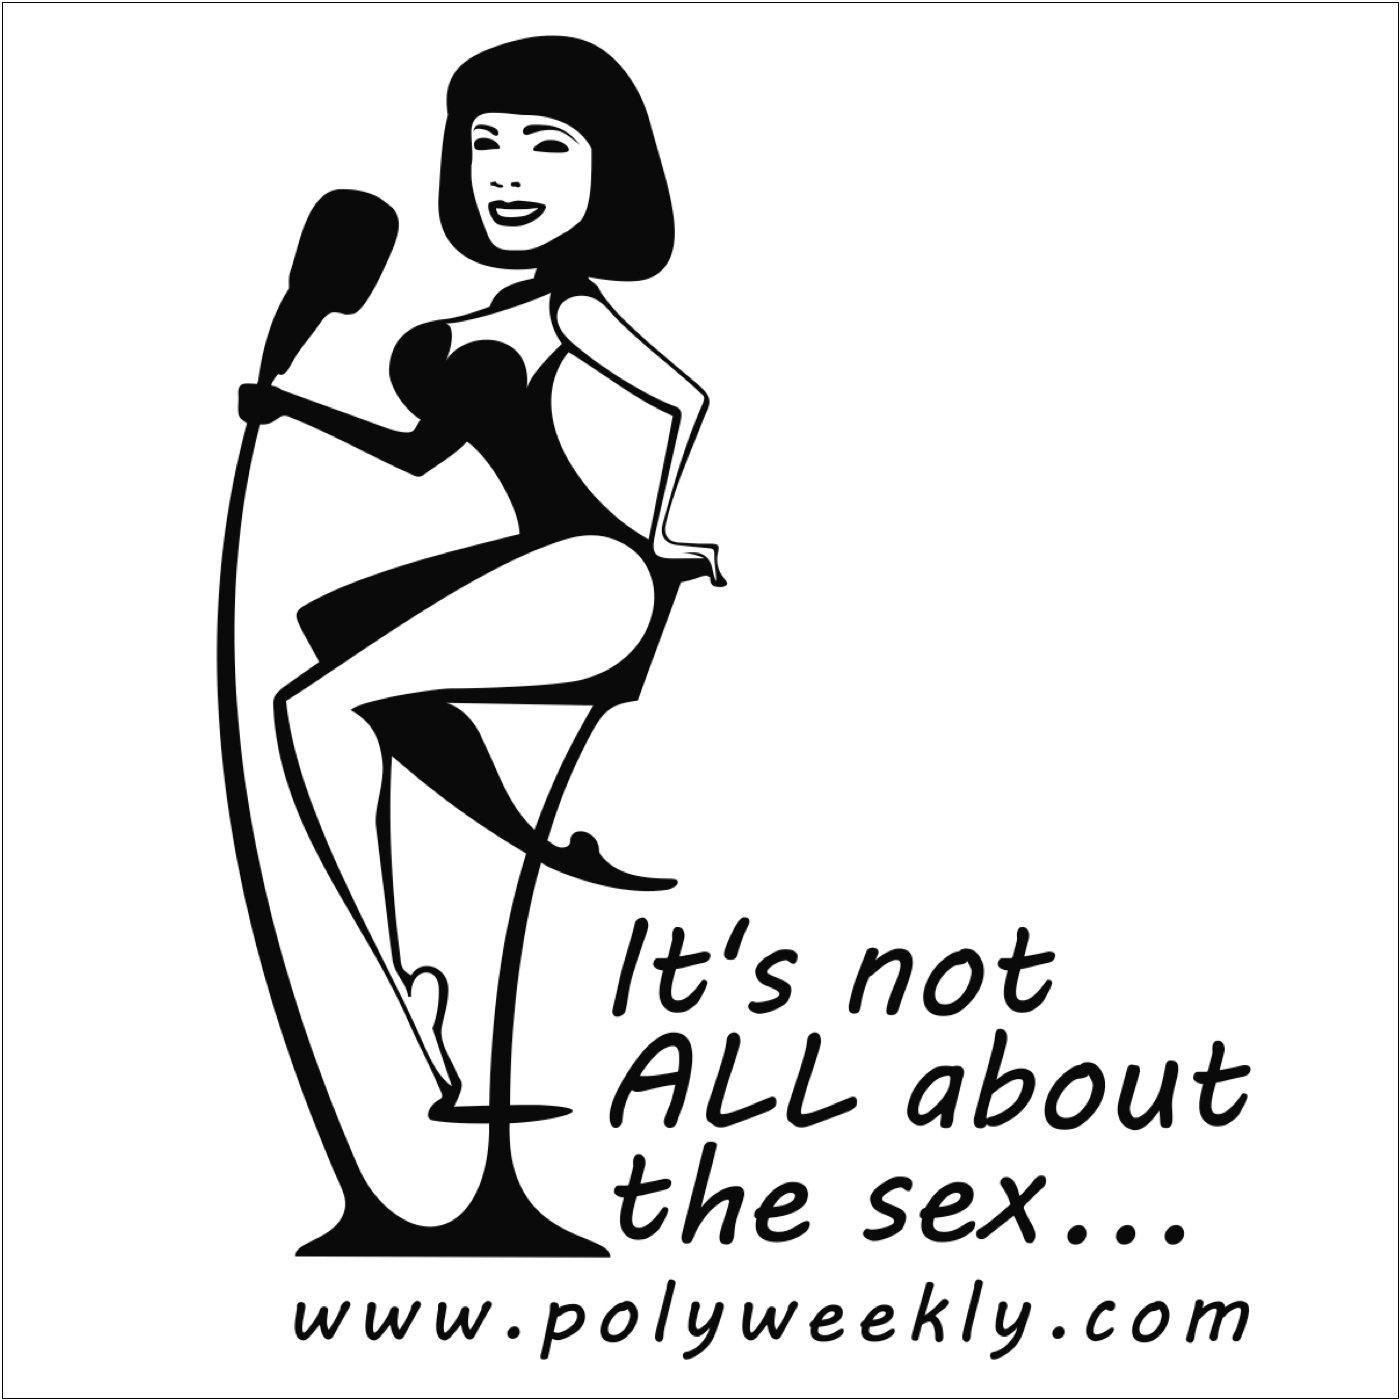 500: Dan Savage on polyamory